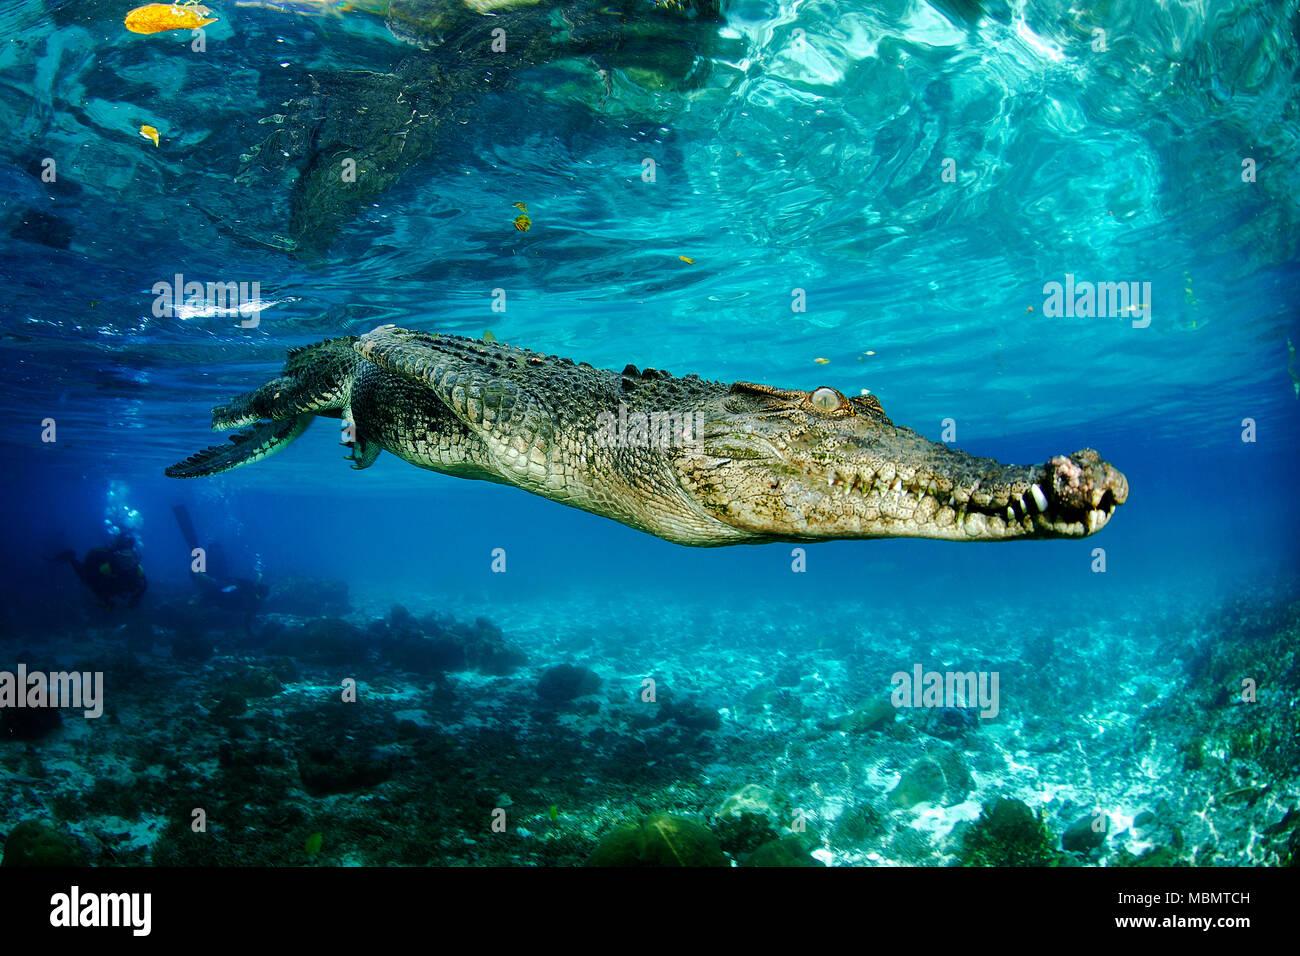 El cocodrilo de agua salada (Crocodylus porosus), el más grande de todos los reptiles vivos, Palau, Micronesia Foto de stock